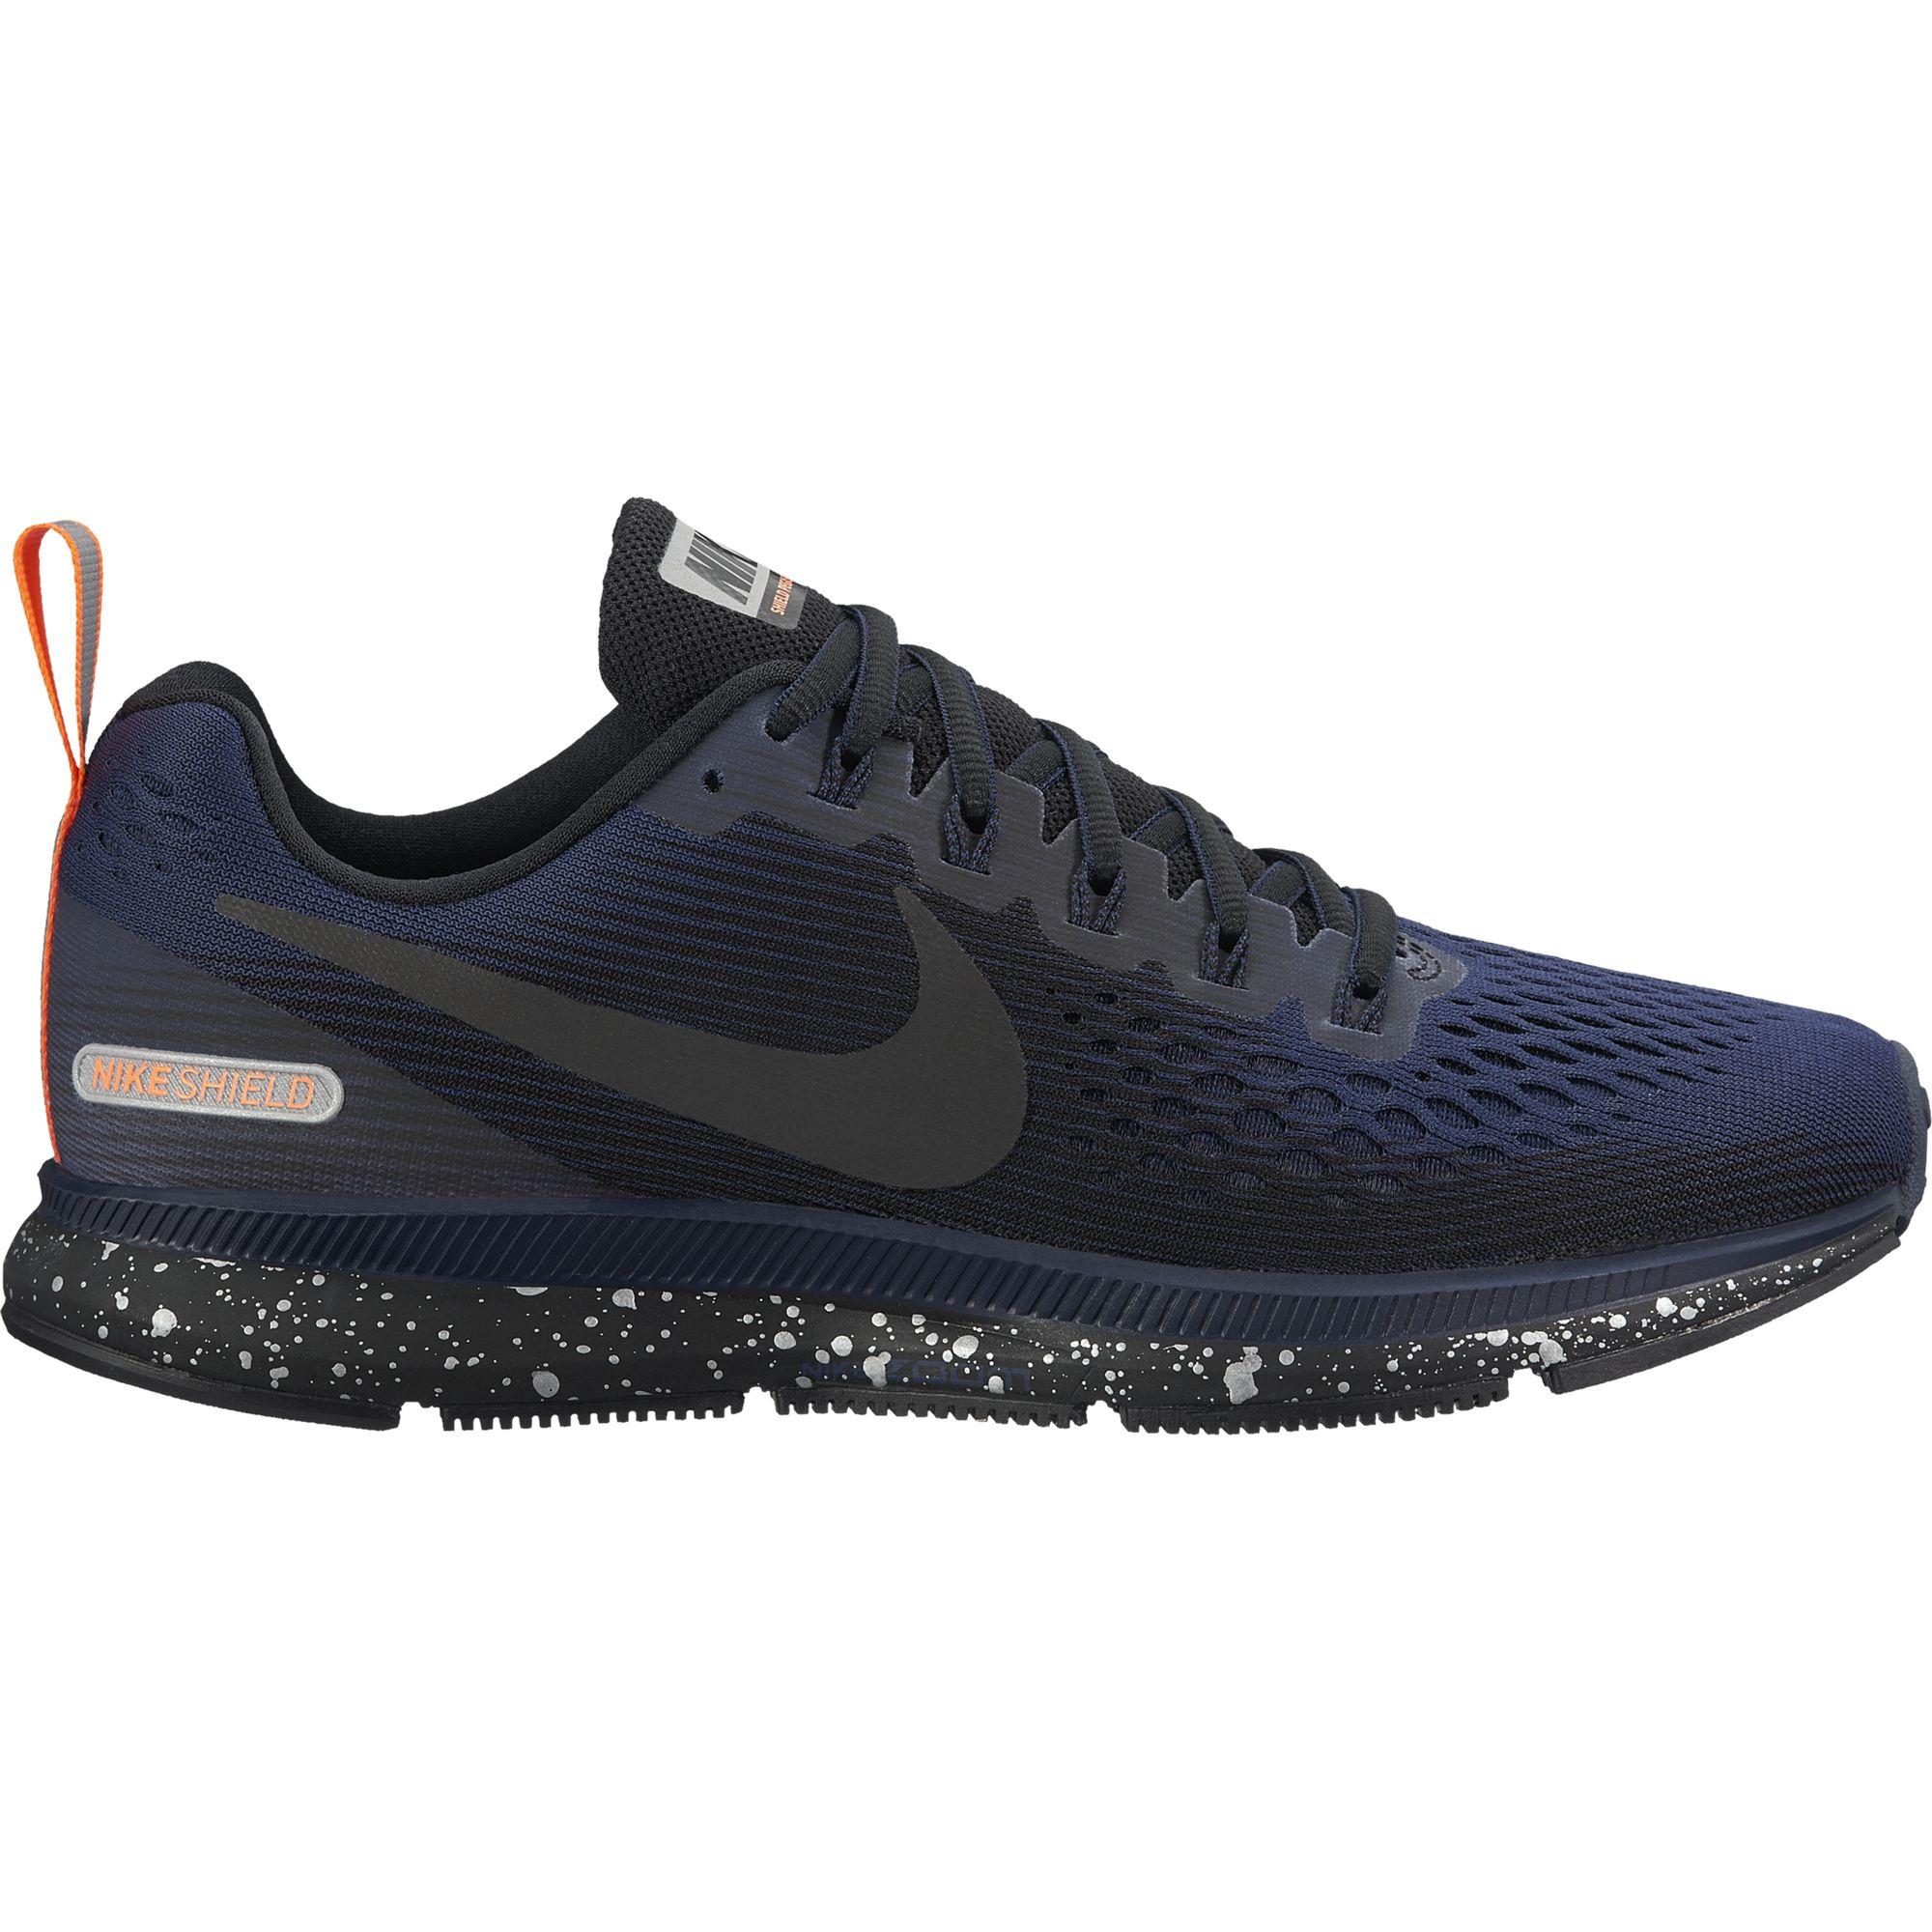 huge selection of 7a430 91a55 Nike Air Zoom Pegasus 34 Shield - Damen Running Schuhe Laufschuhe -  907328-001. Bild 2